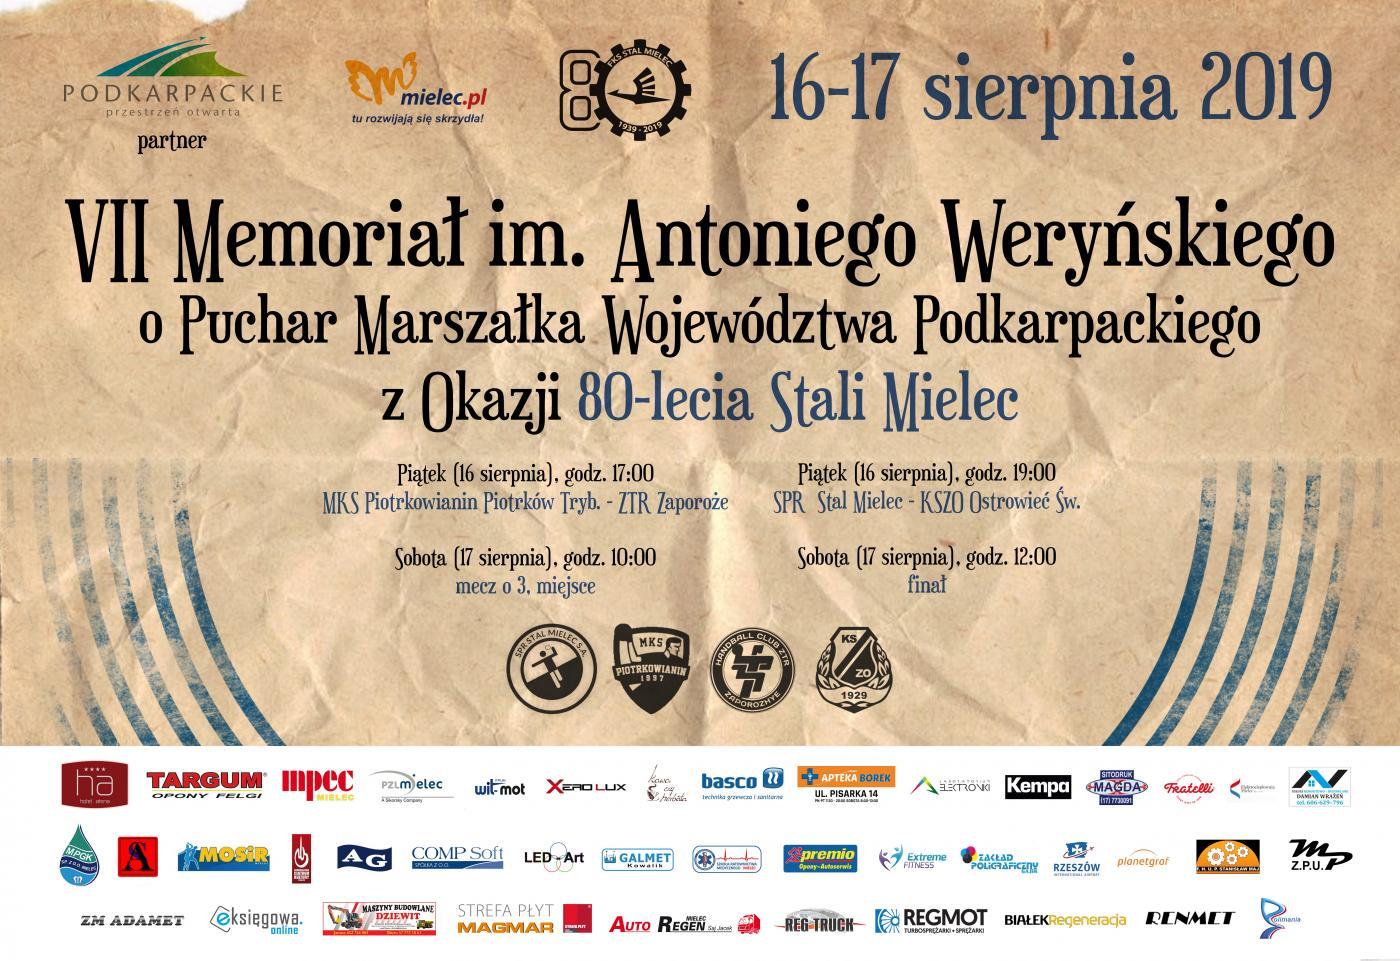 Memoriał im. Antoniego Weryńskiego w Mielcu. Turniej ku pamięci znakomitego prezesa SPR Stali Mielec  - Zdjęcie główne